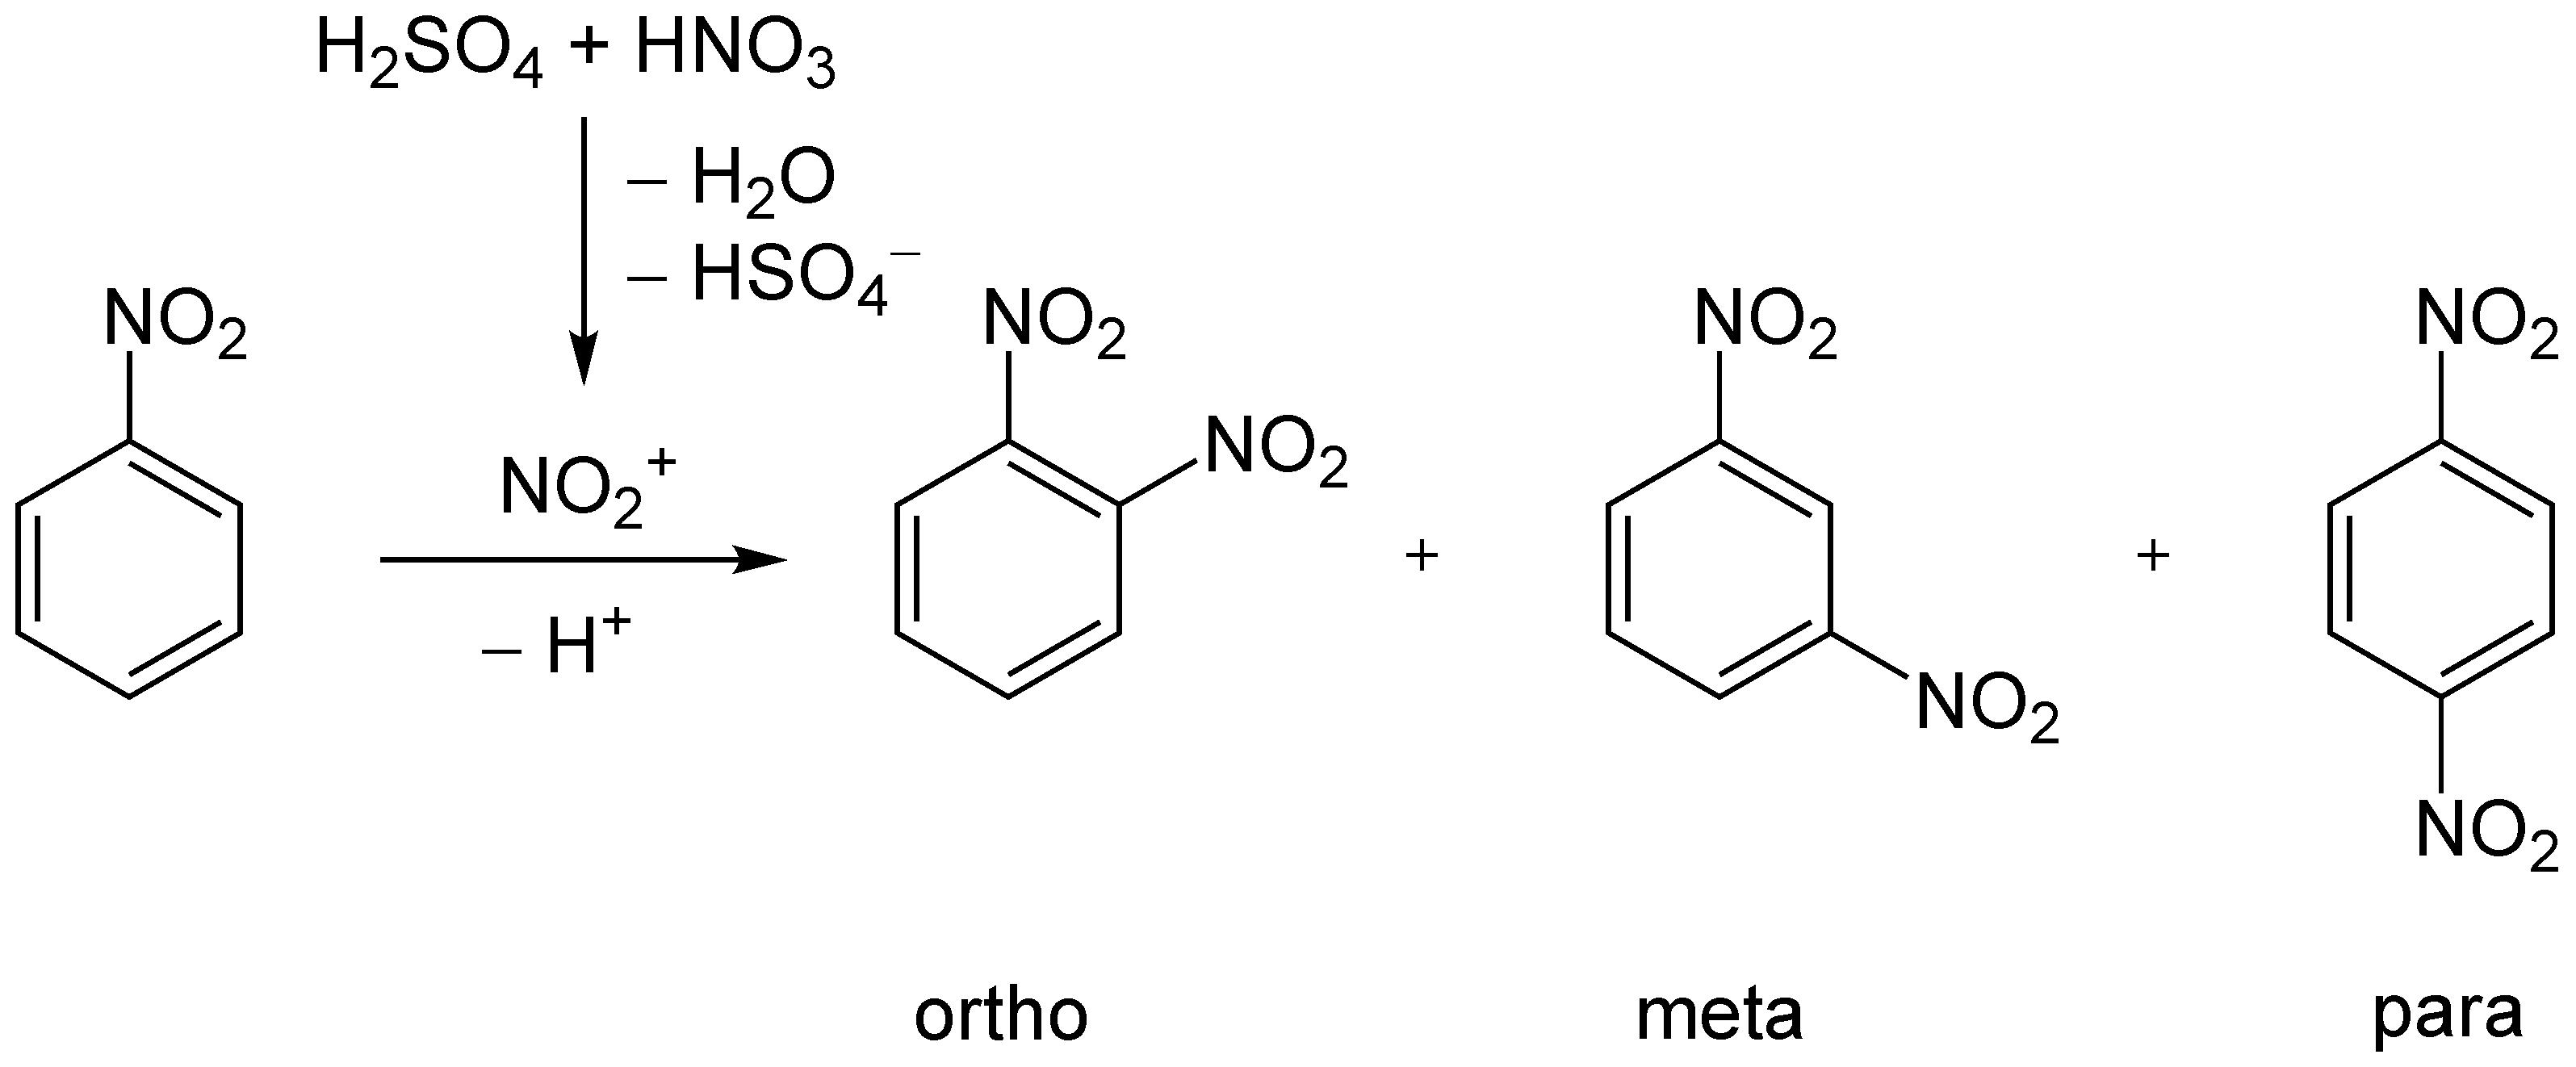 Nitration of Benzene 4